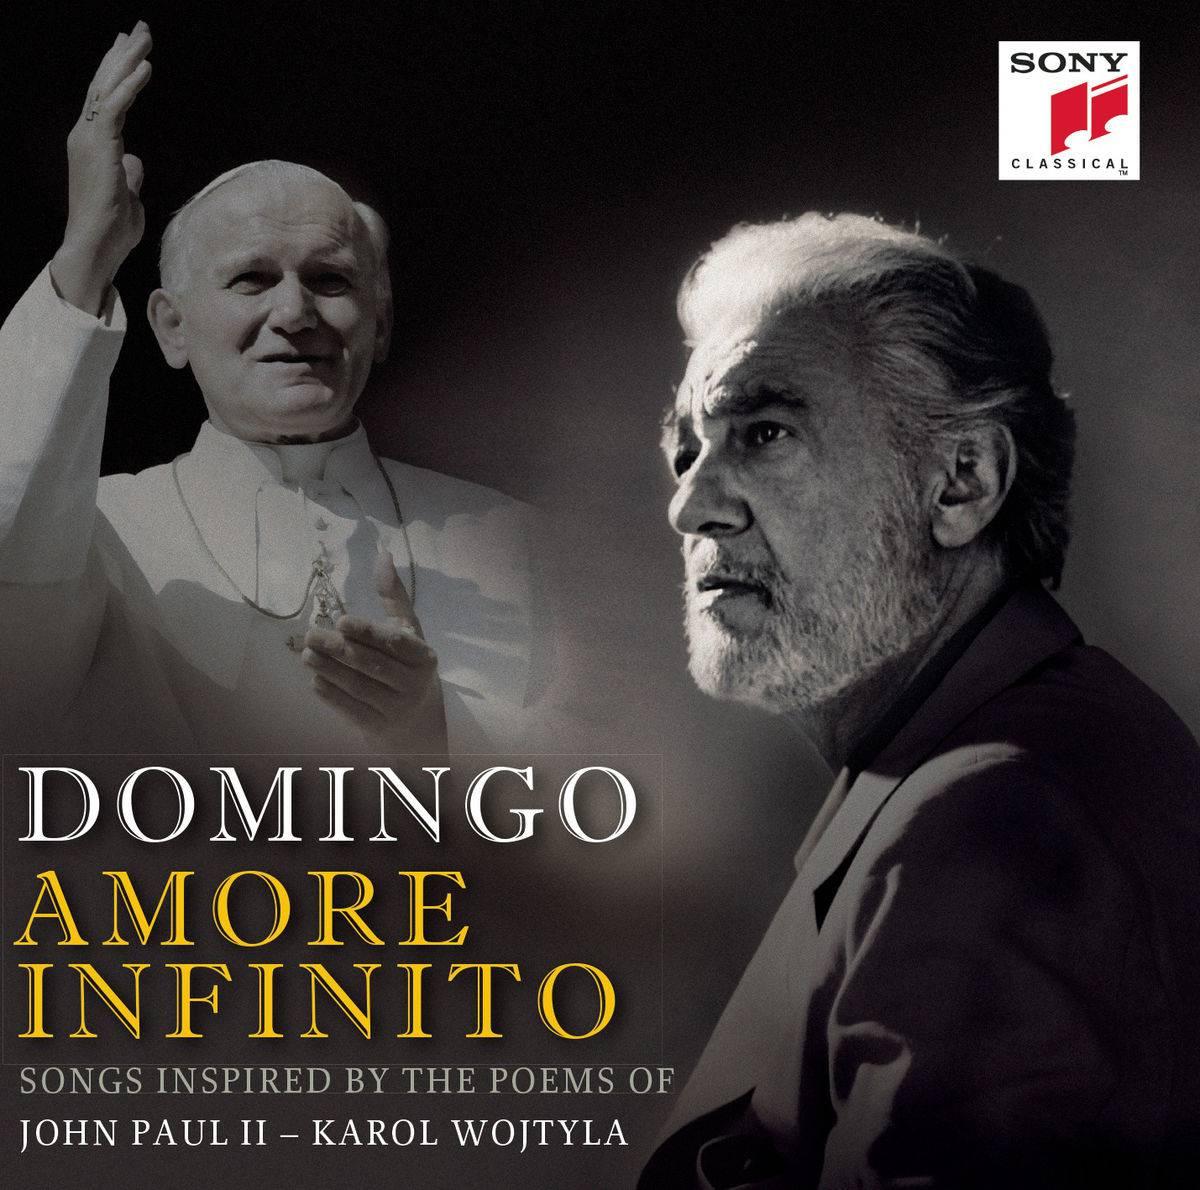 Plácido Domingo - Amore Infinito (2008/2014) [Official Digital Download]